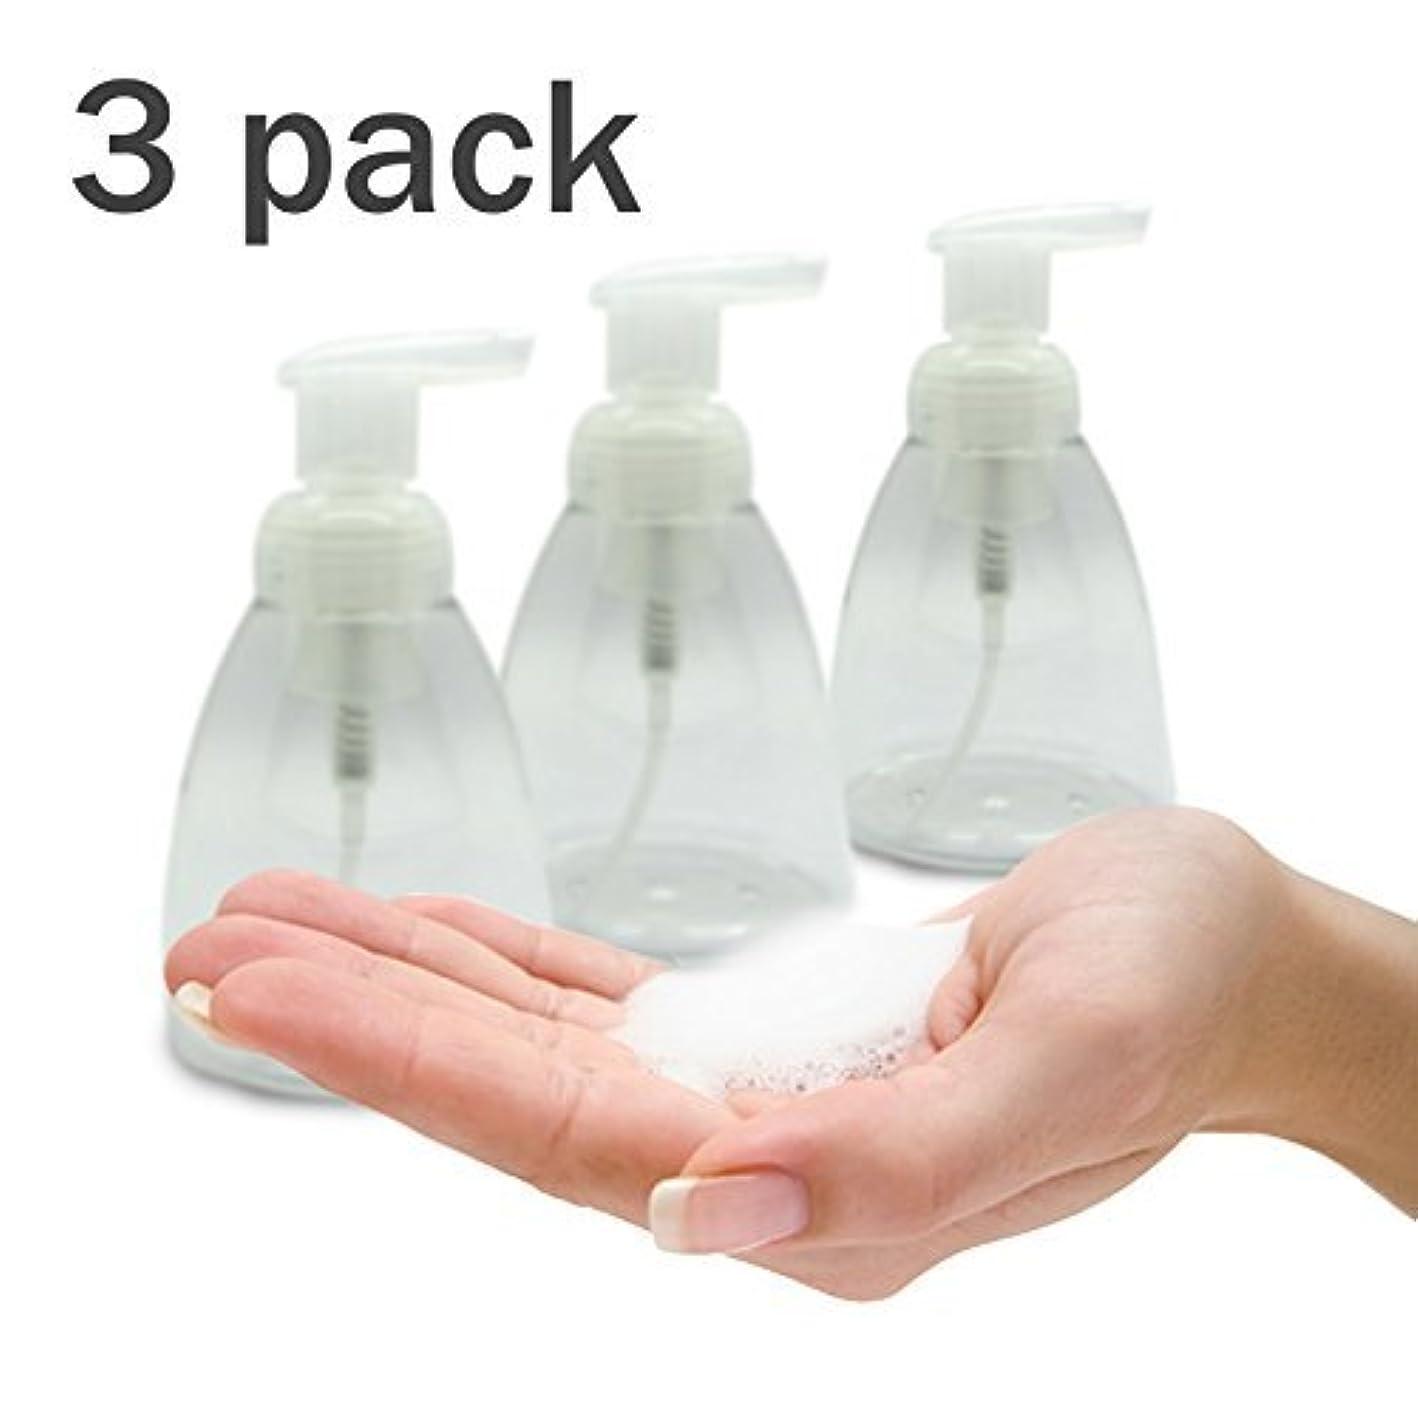 保有者芸術寄り添うFoaming Soap Dispenser Set of 3 pack 300ml (10 oz) Empty Bottles Hand Soap Liquid Containers. Save Money! Less...